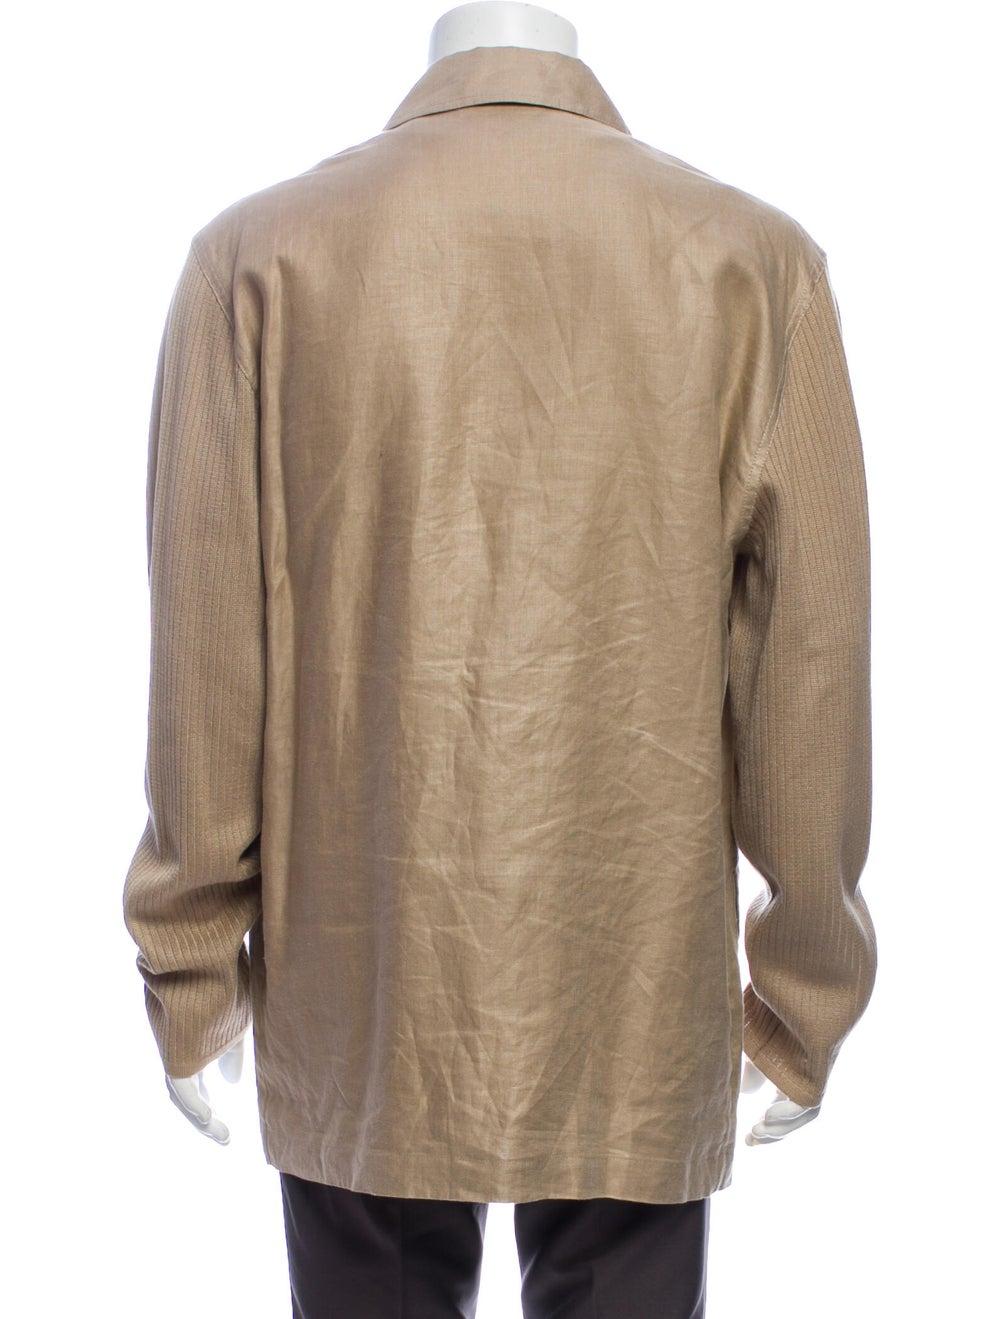 Versace Linen Jacket - image 3